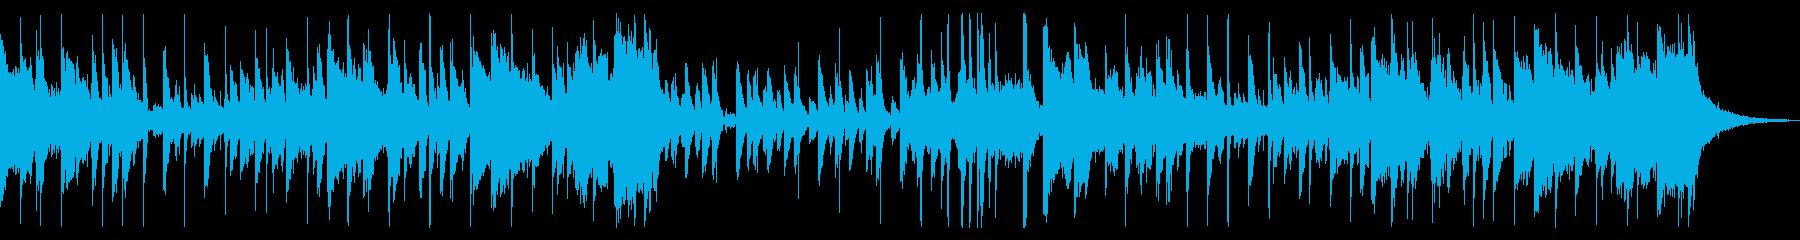 アフリカボーイ昭和音楽 03の再生済みの波形